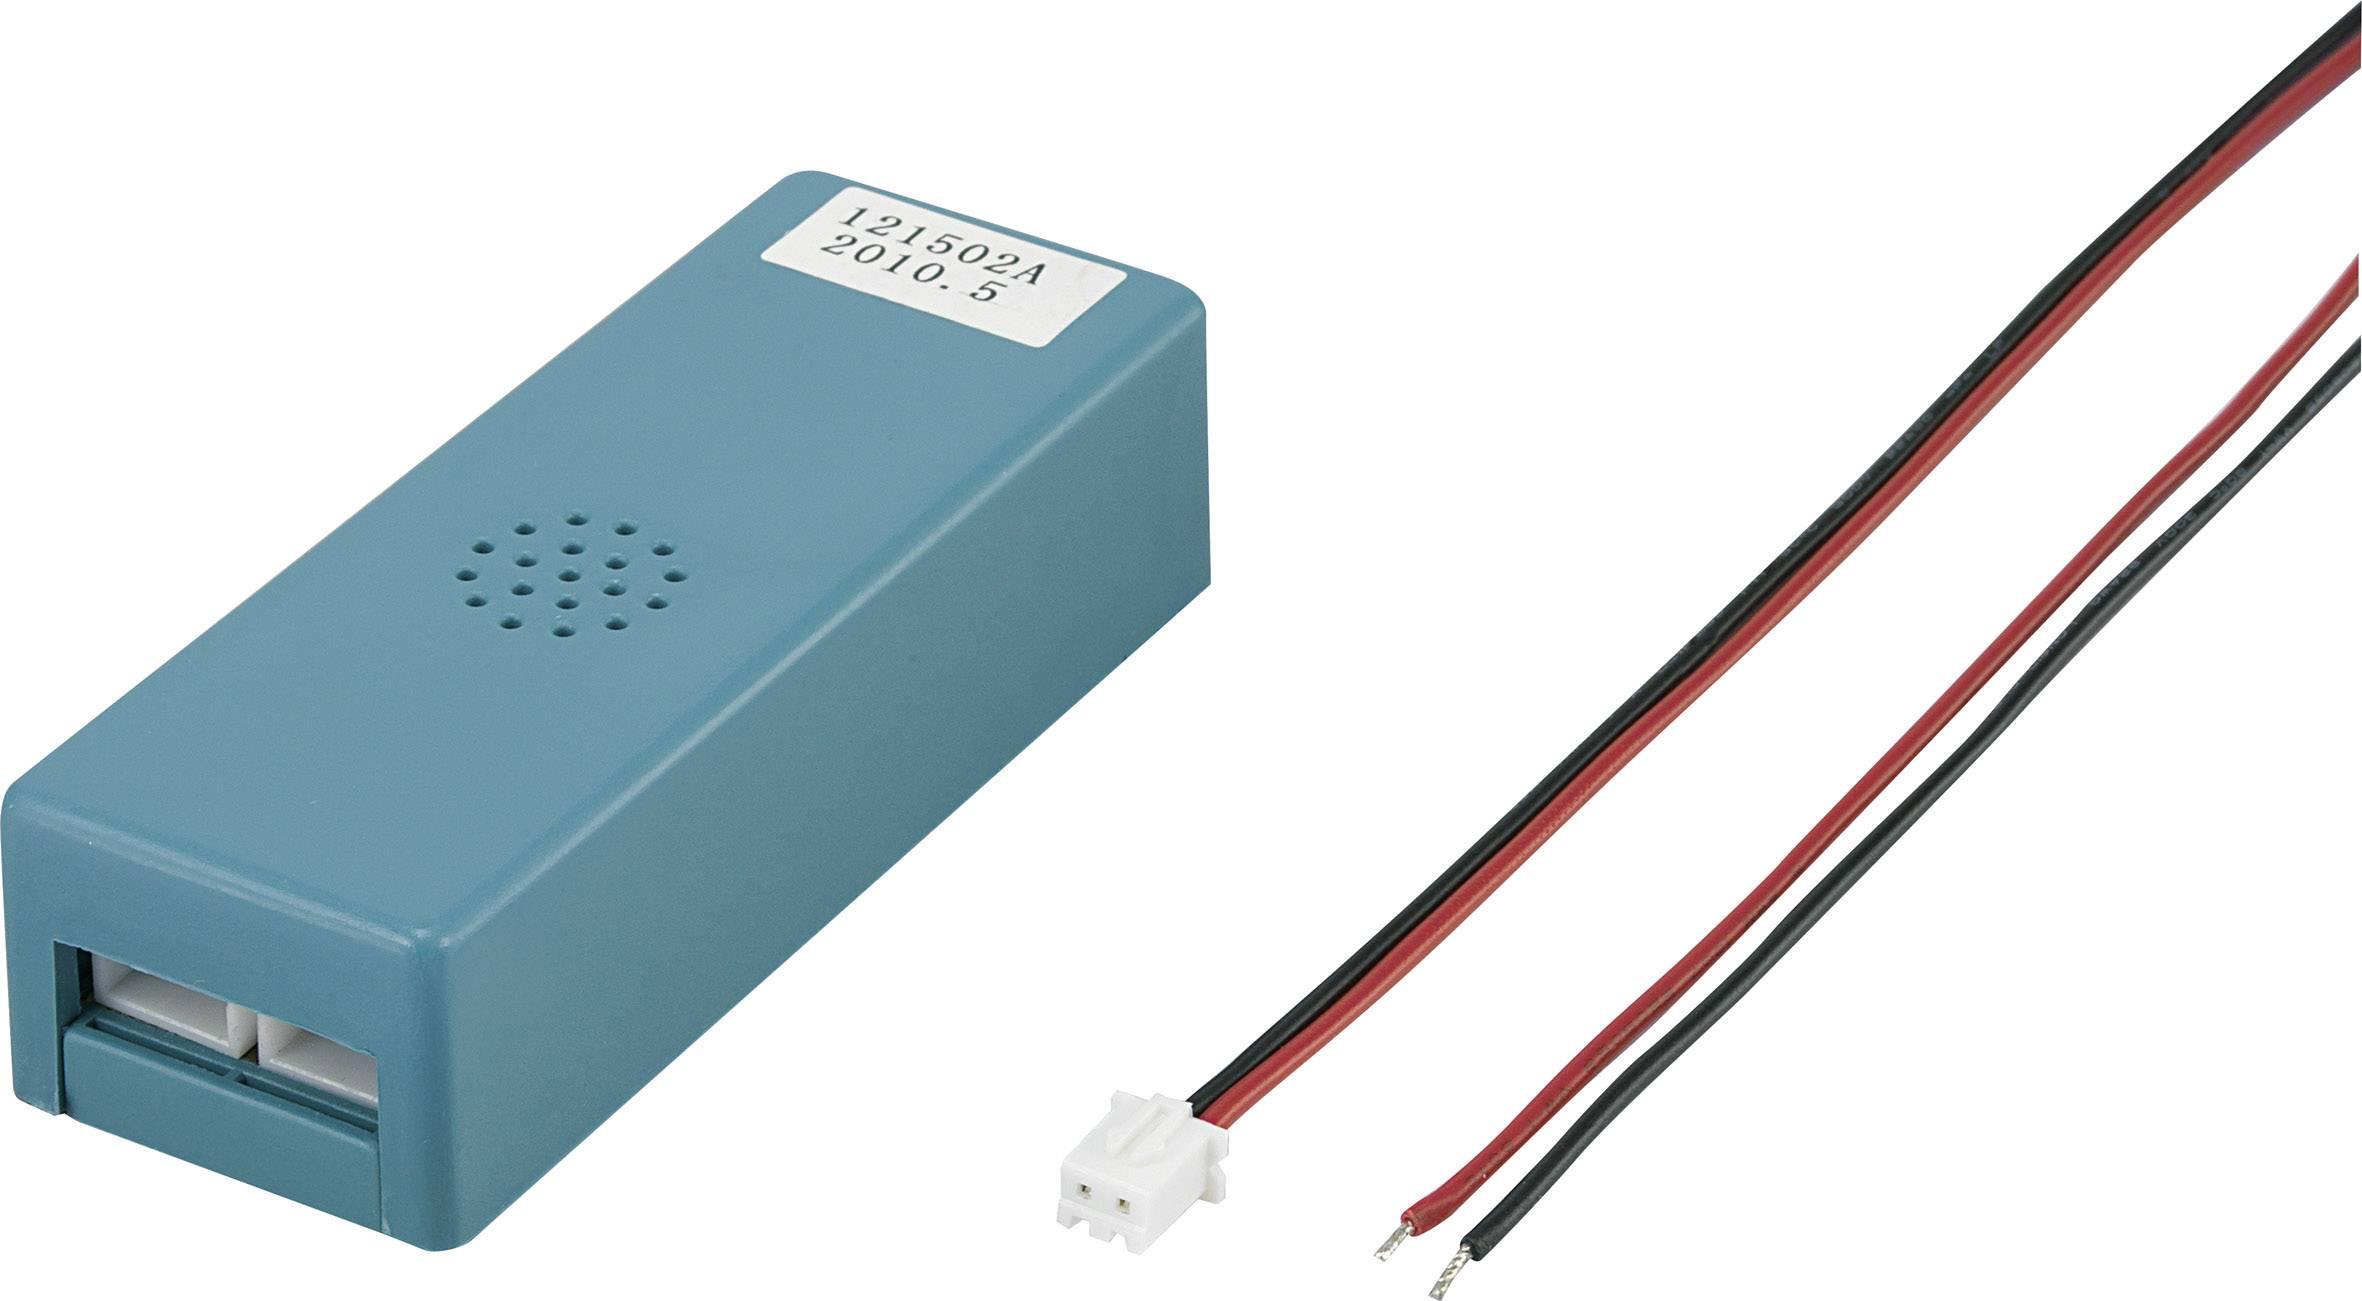 Invertér na pripojenie 2 studenokatódových žiaroviek